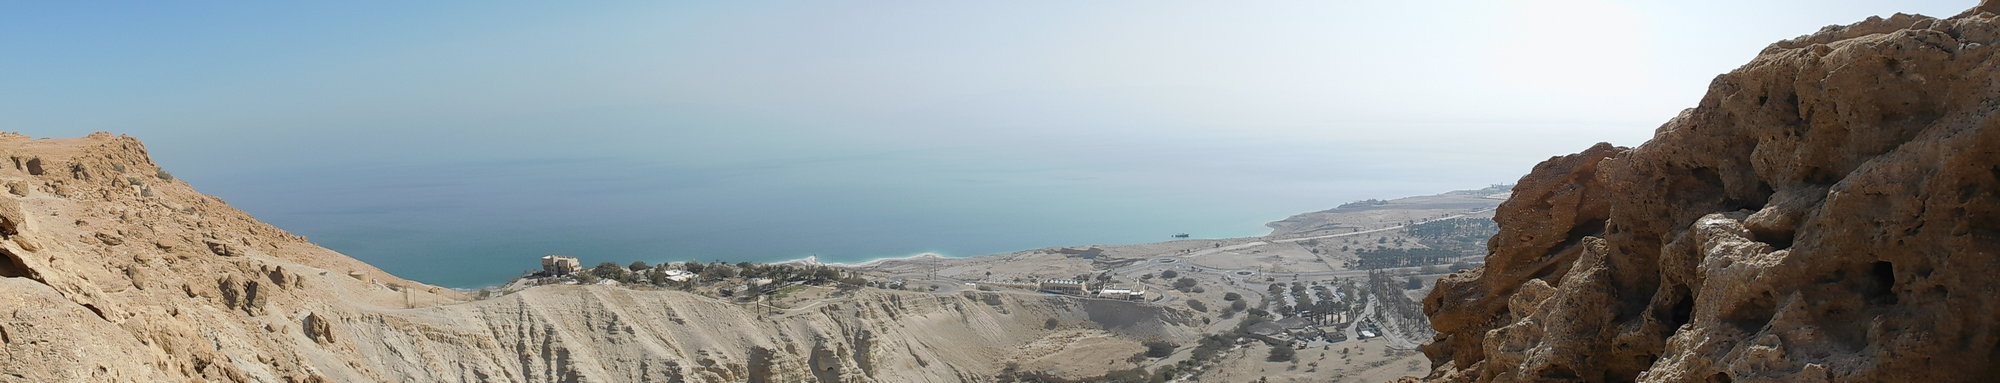 Ein Gedi – Dead Sea